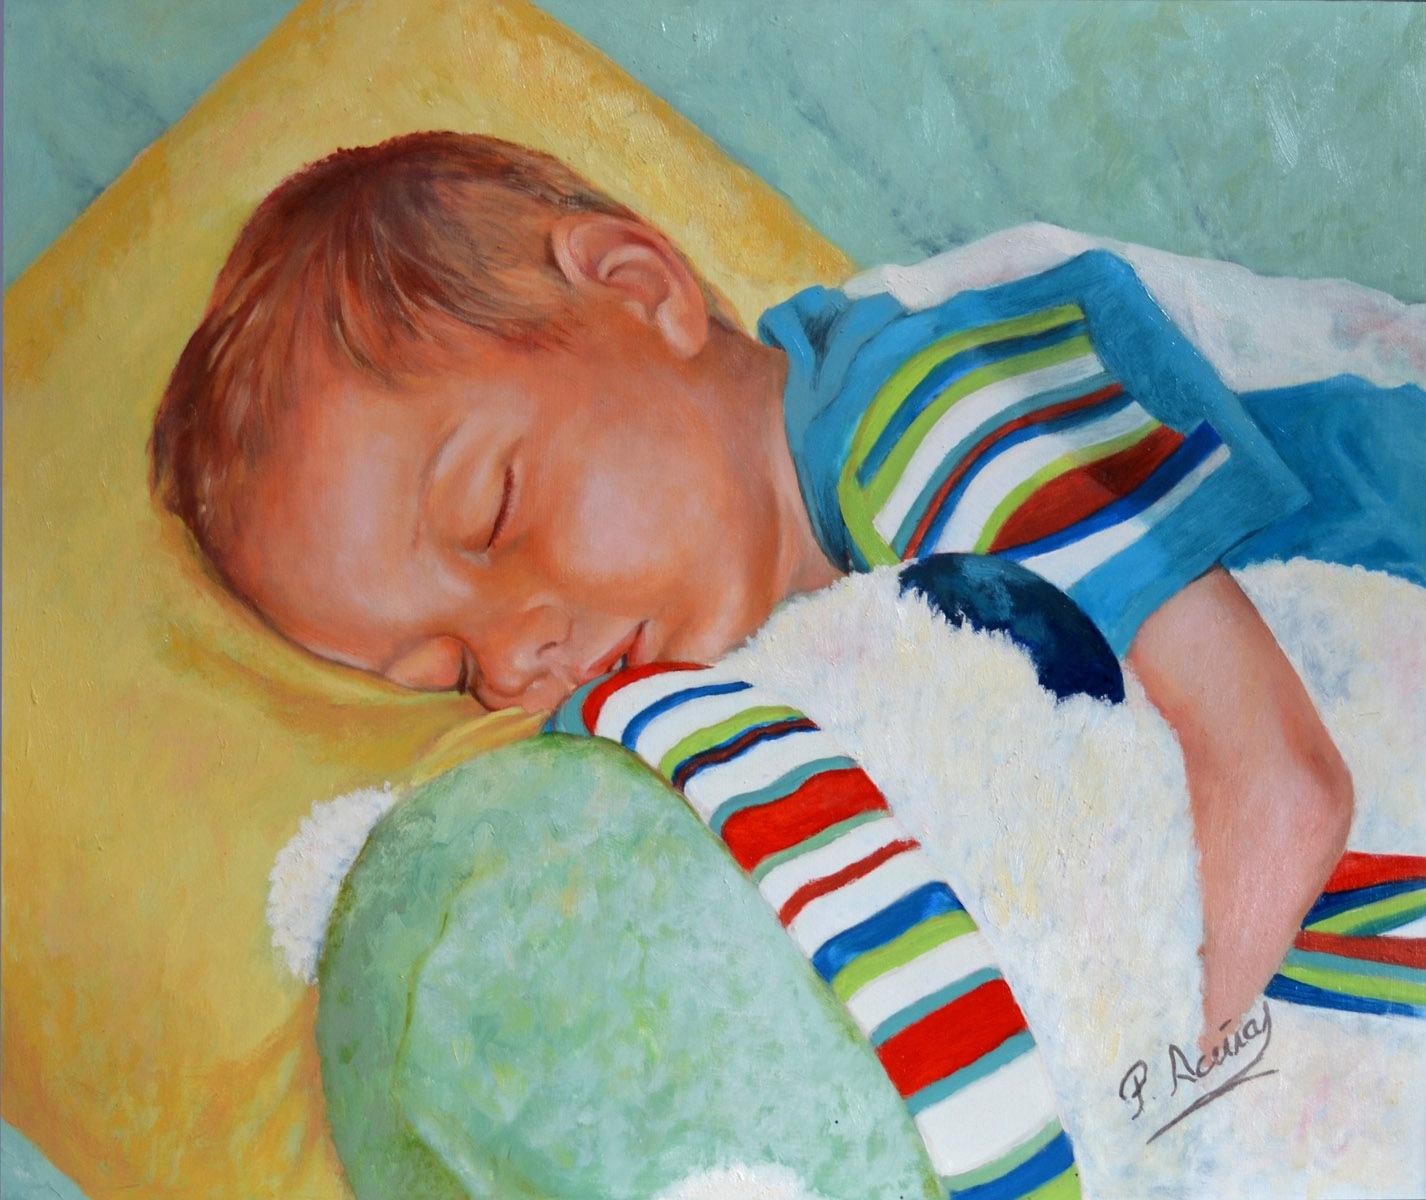 Aimar. Obra de Pilar Aceña, óleo sobre tabla. 2011